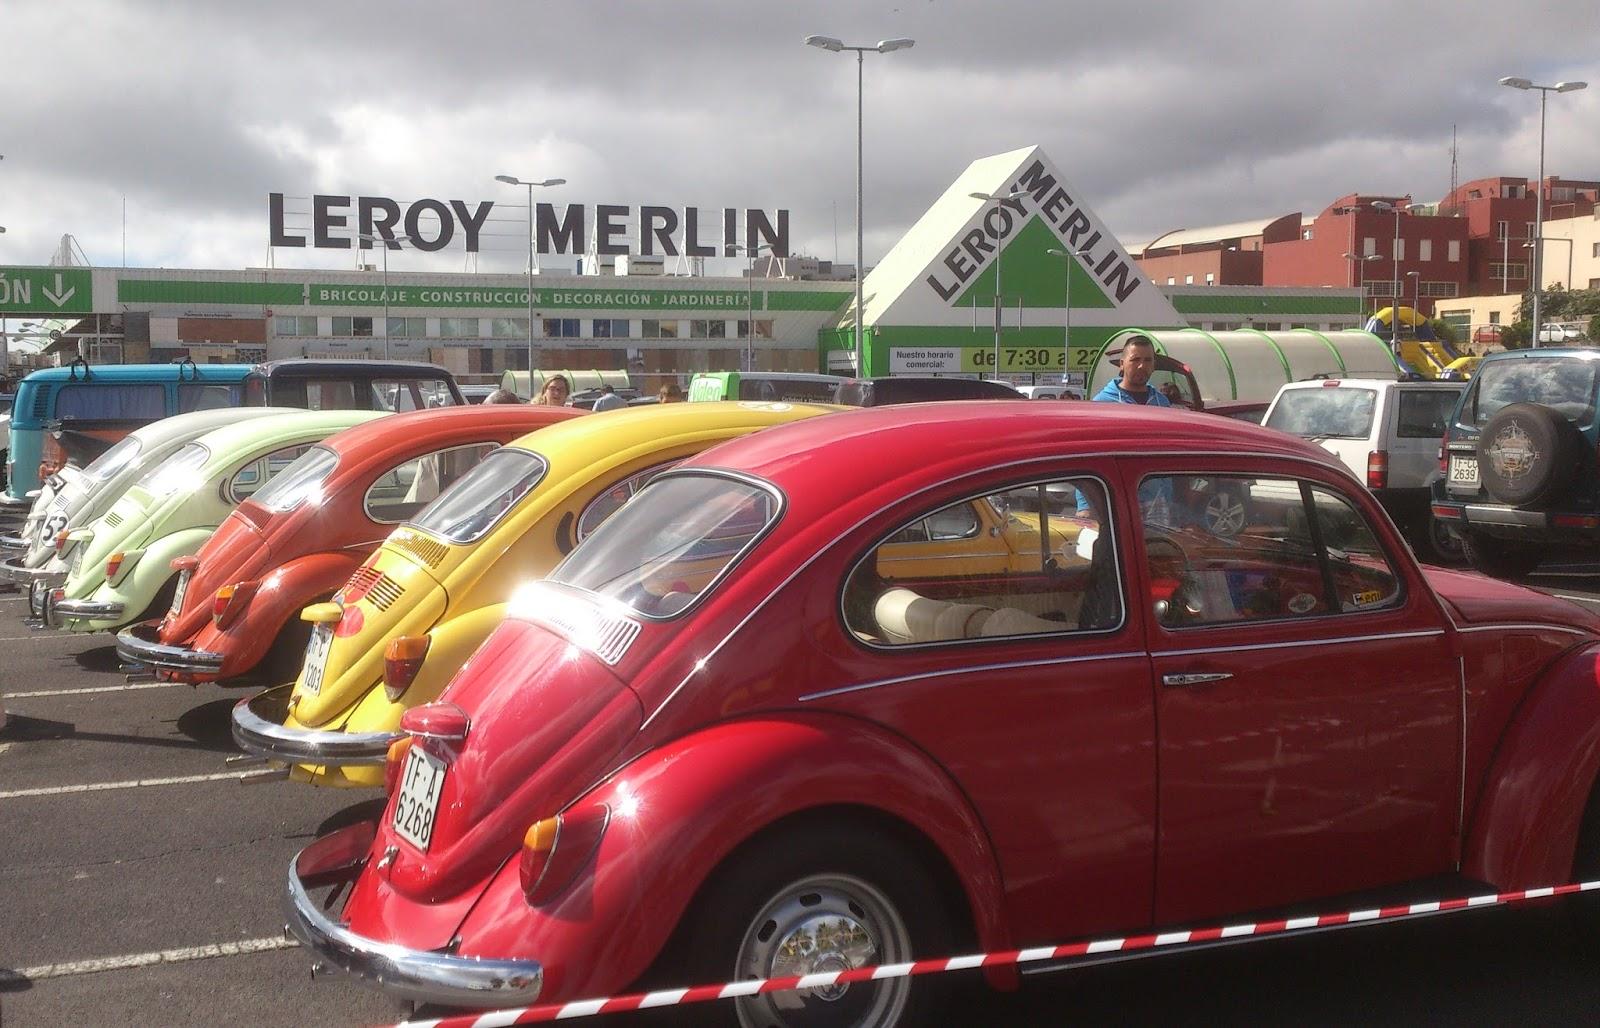 Amigos del escarabajo tenerife leroy merlin - Leroy merlin tenerife telefono ...